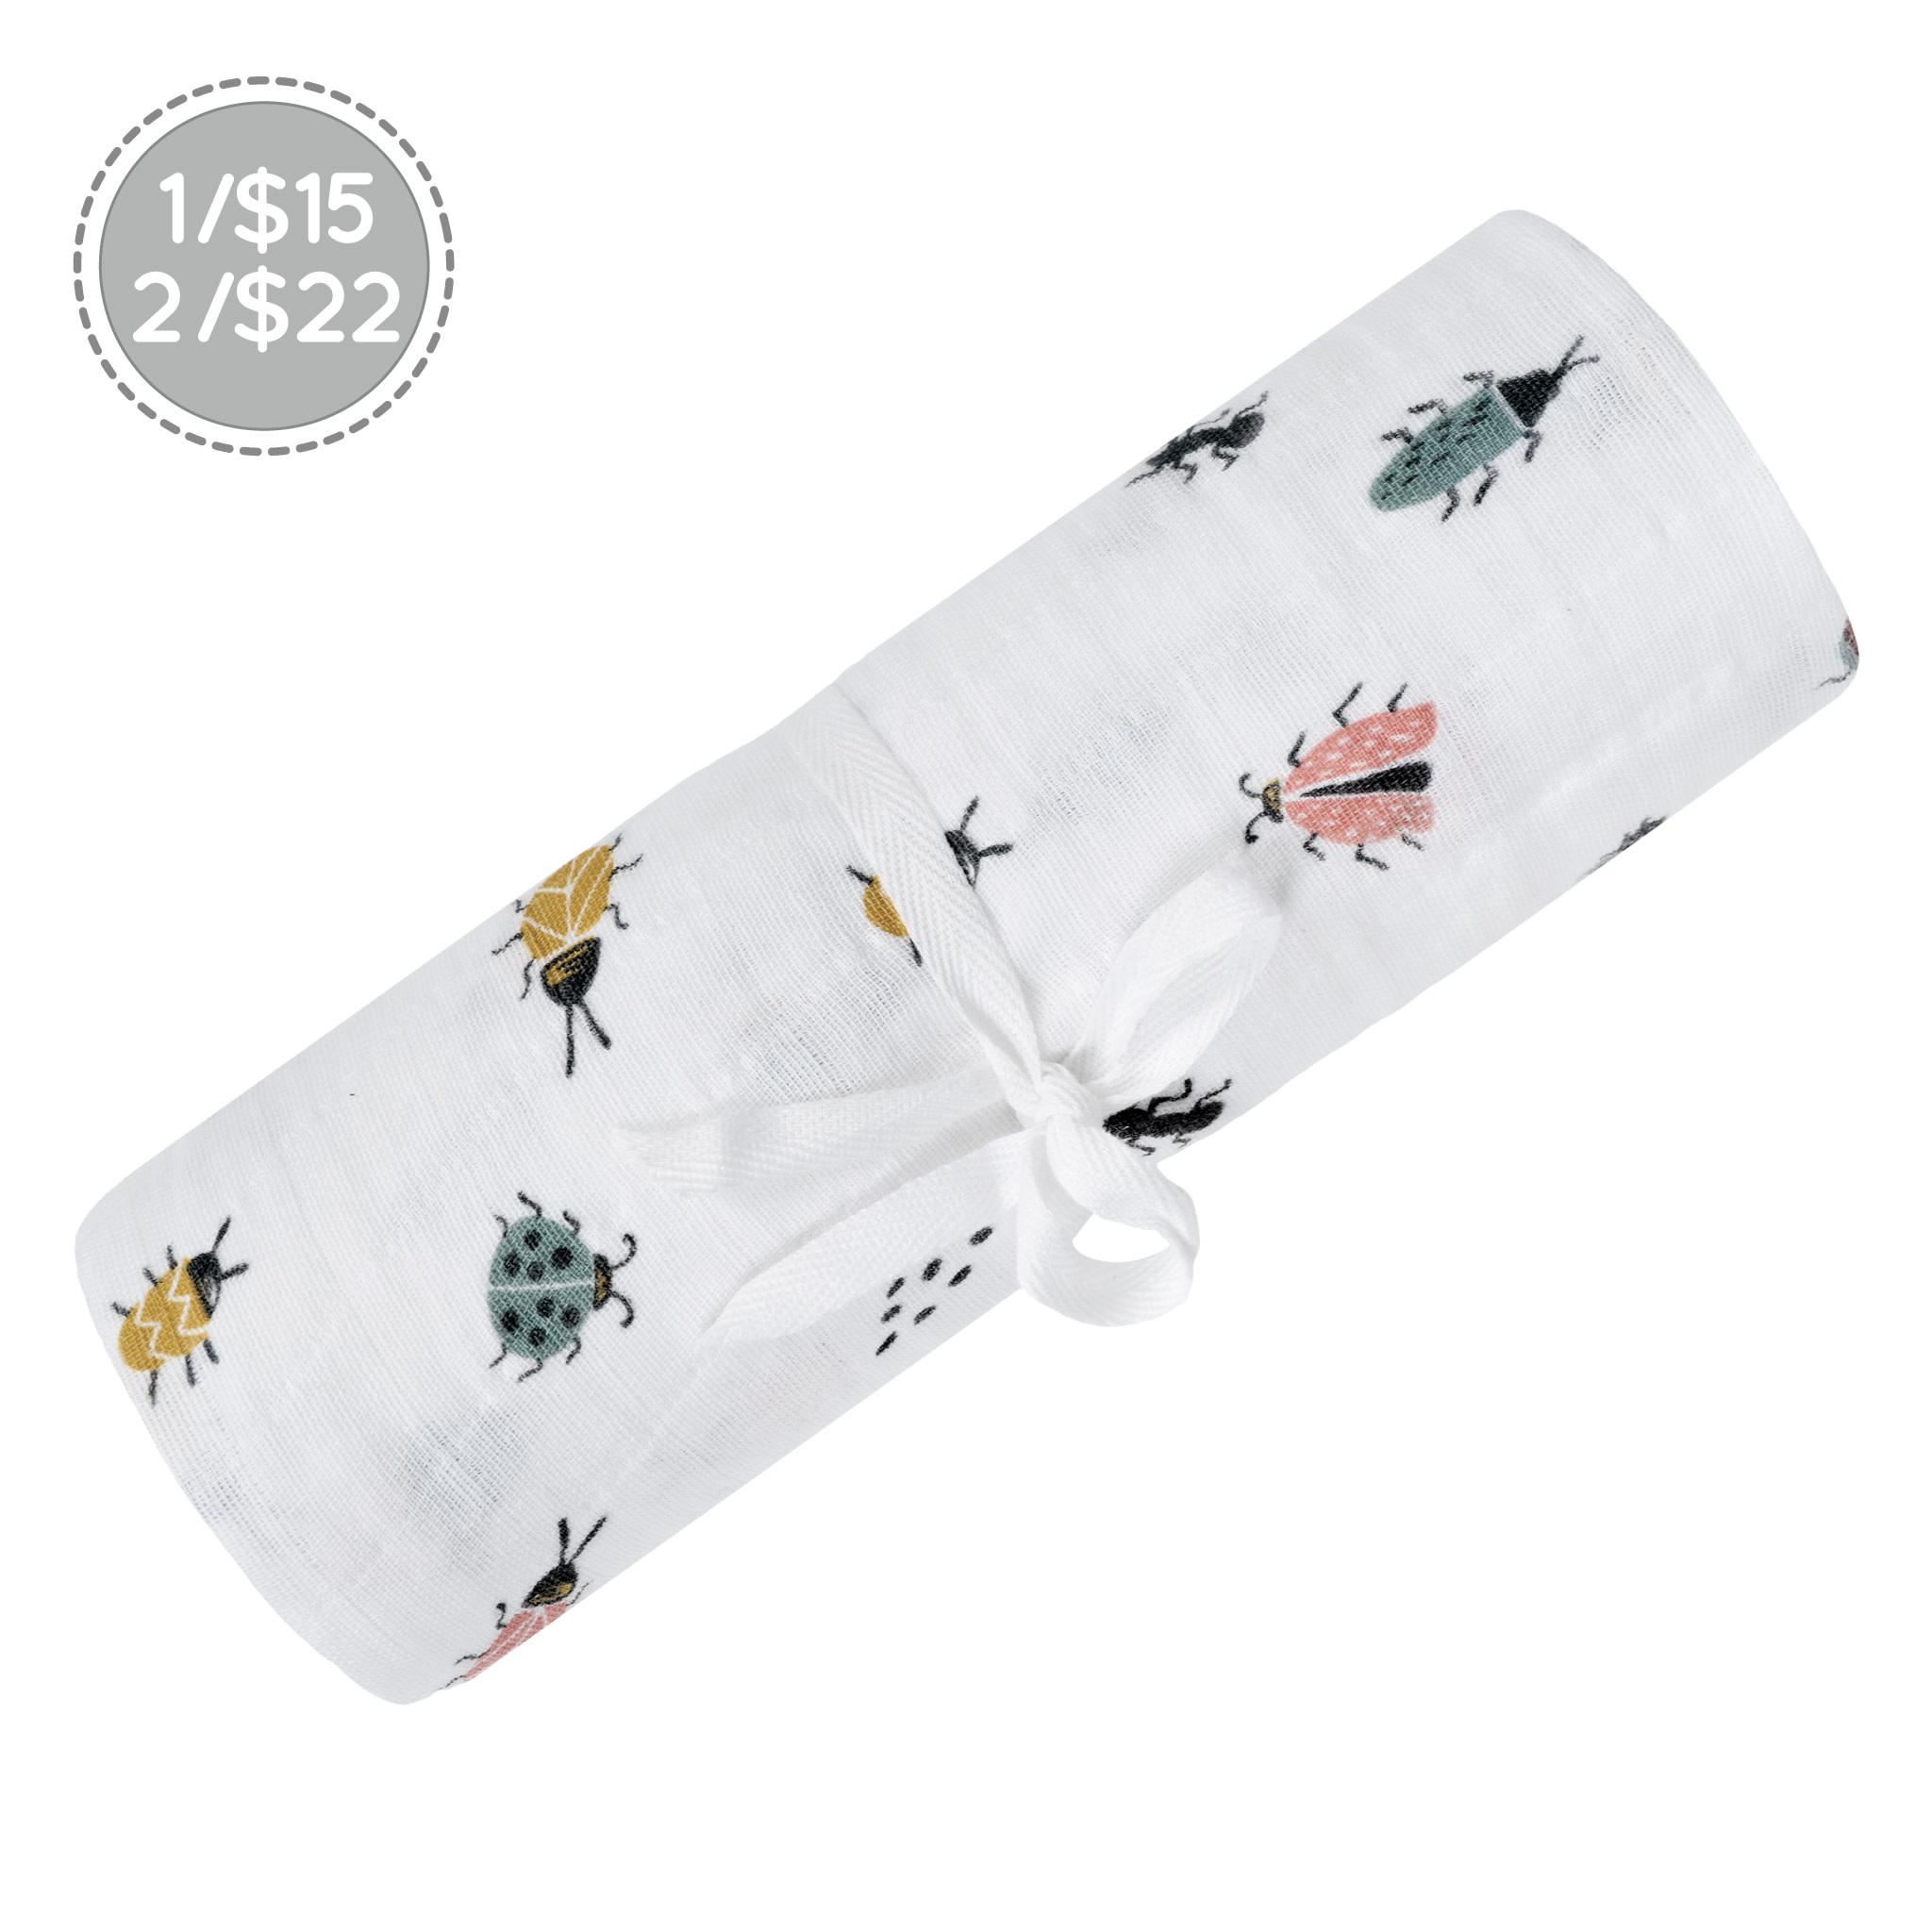 Couverture mousseline de Coton - Insectes-1